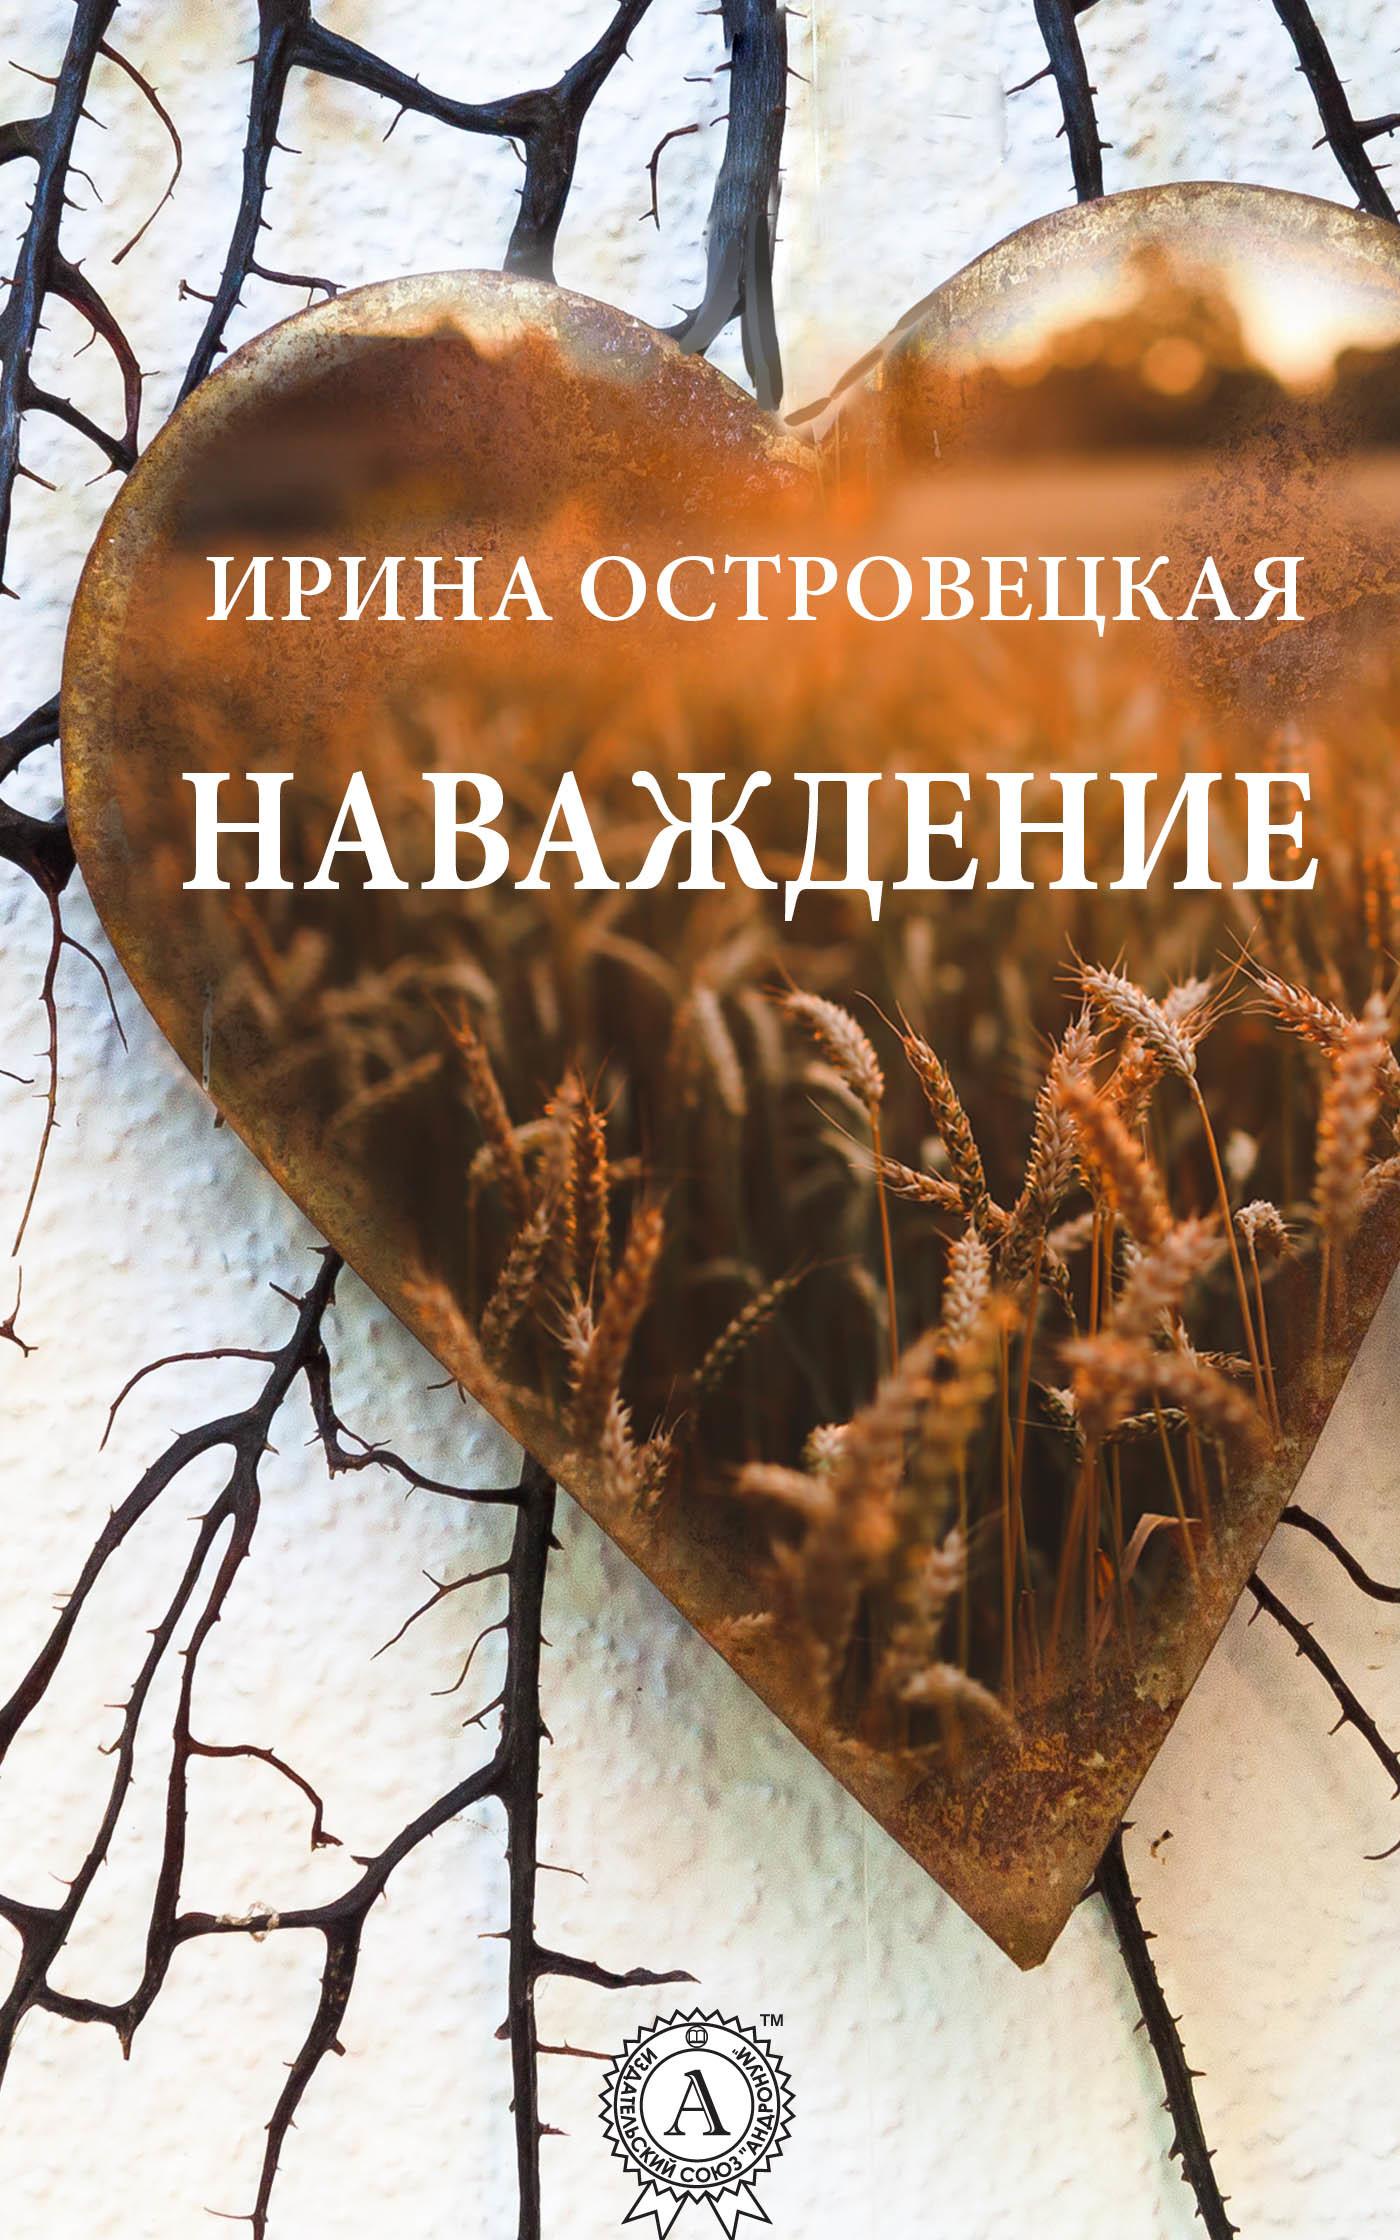 Ирина Островецкая Наваждение наваждение dvd